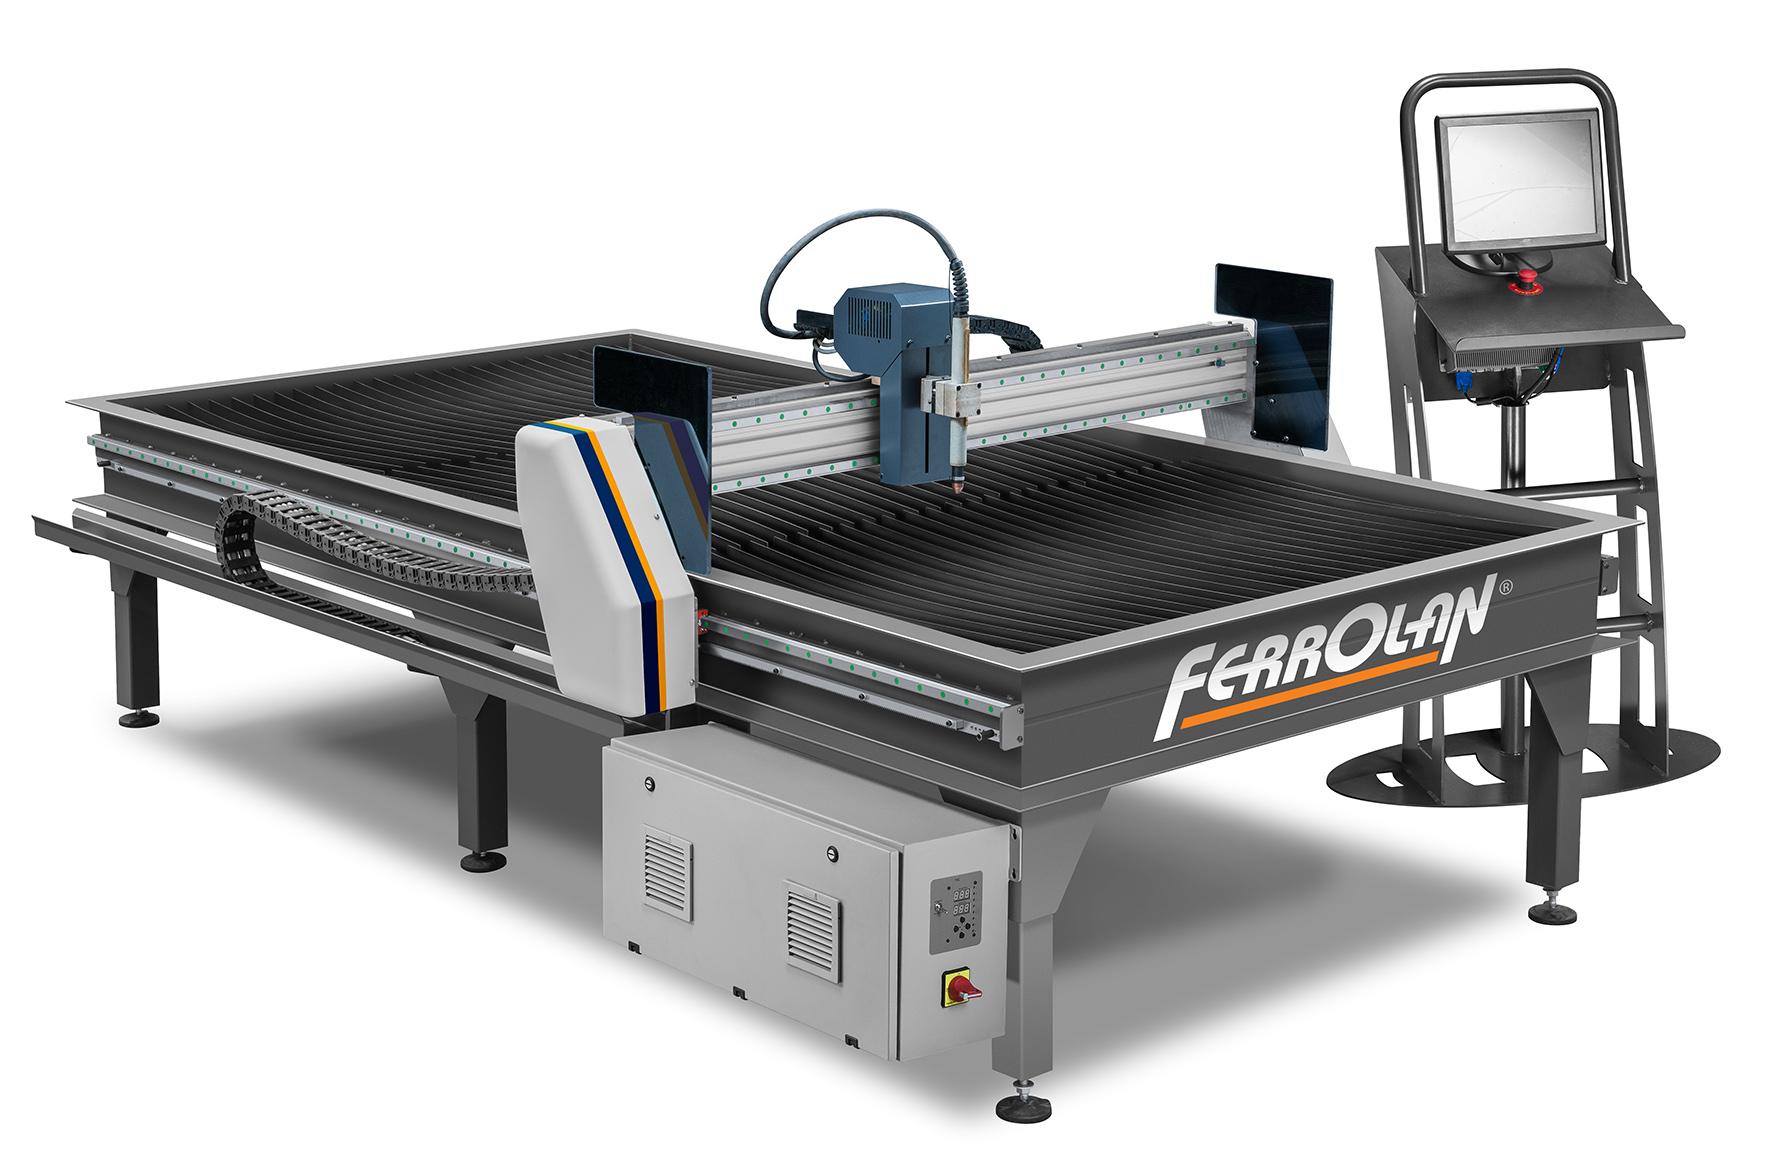 Compacta Ferrolan - Máquina Plasma CNC